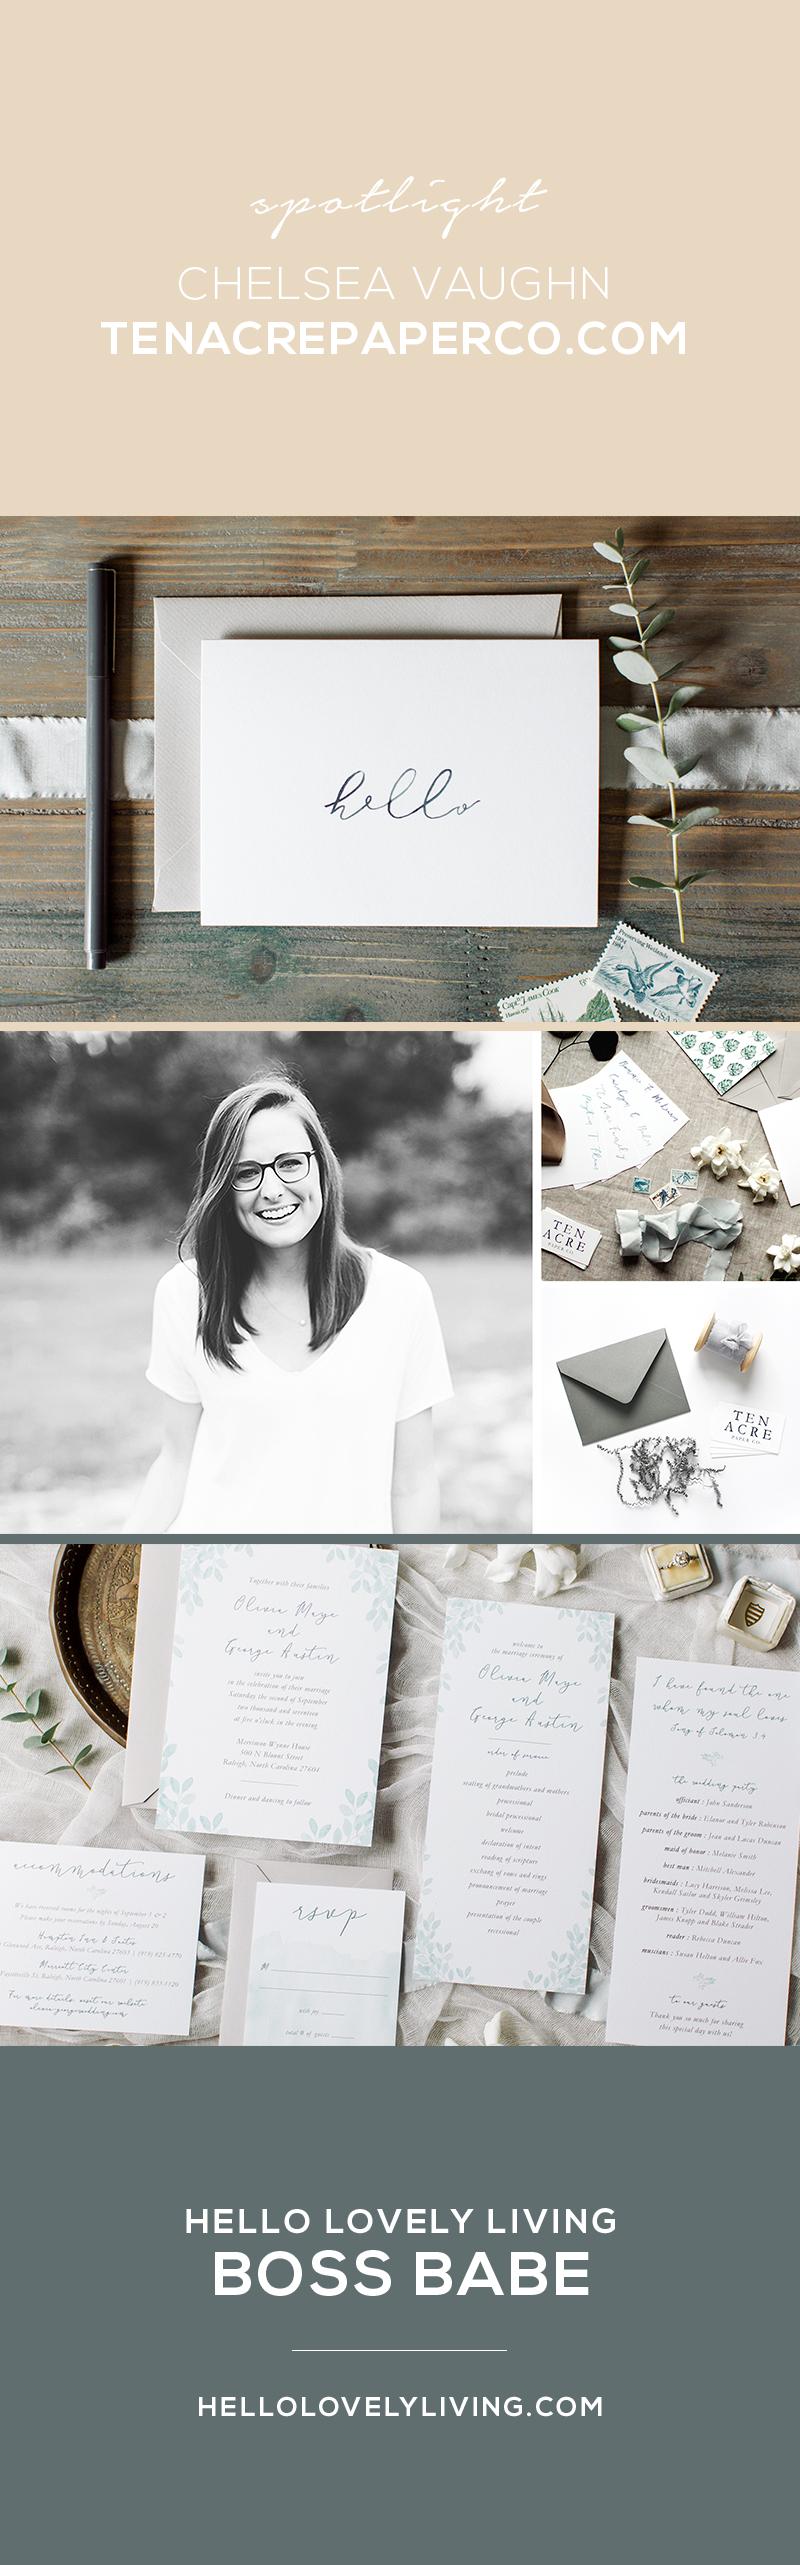 HelloLovelyLiving.com | Wallpaper Wednesdays 32 | Artist Feature - Chelsea Vaughn